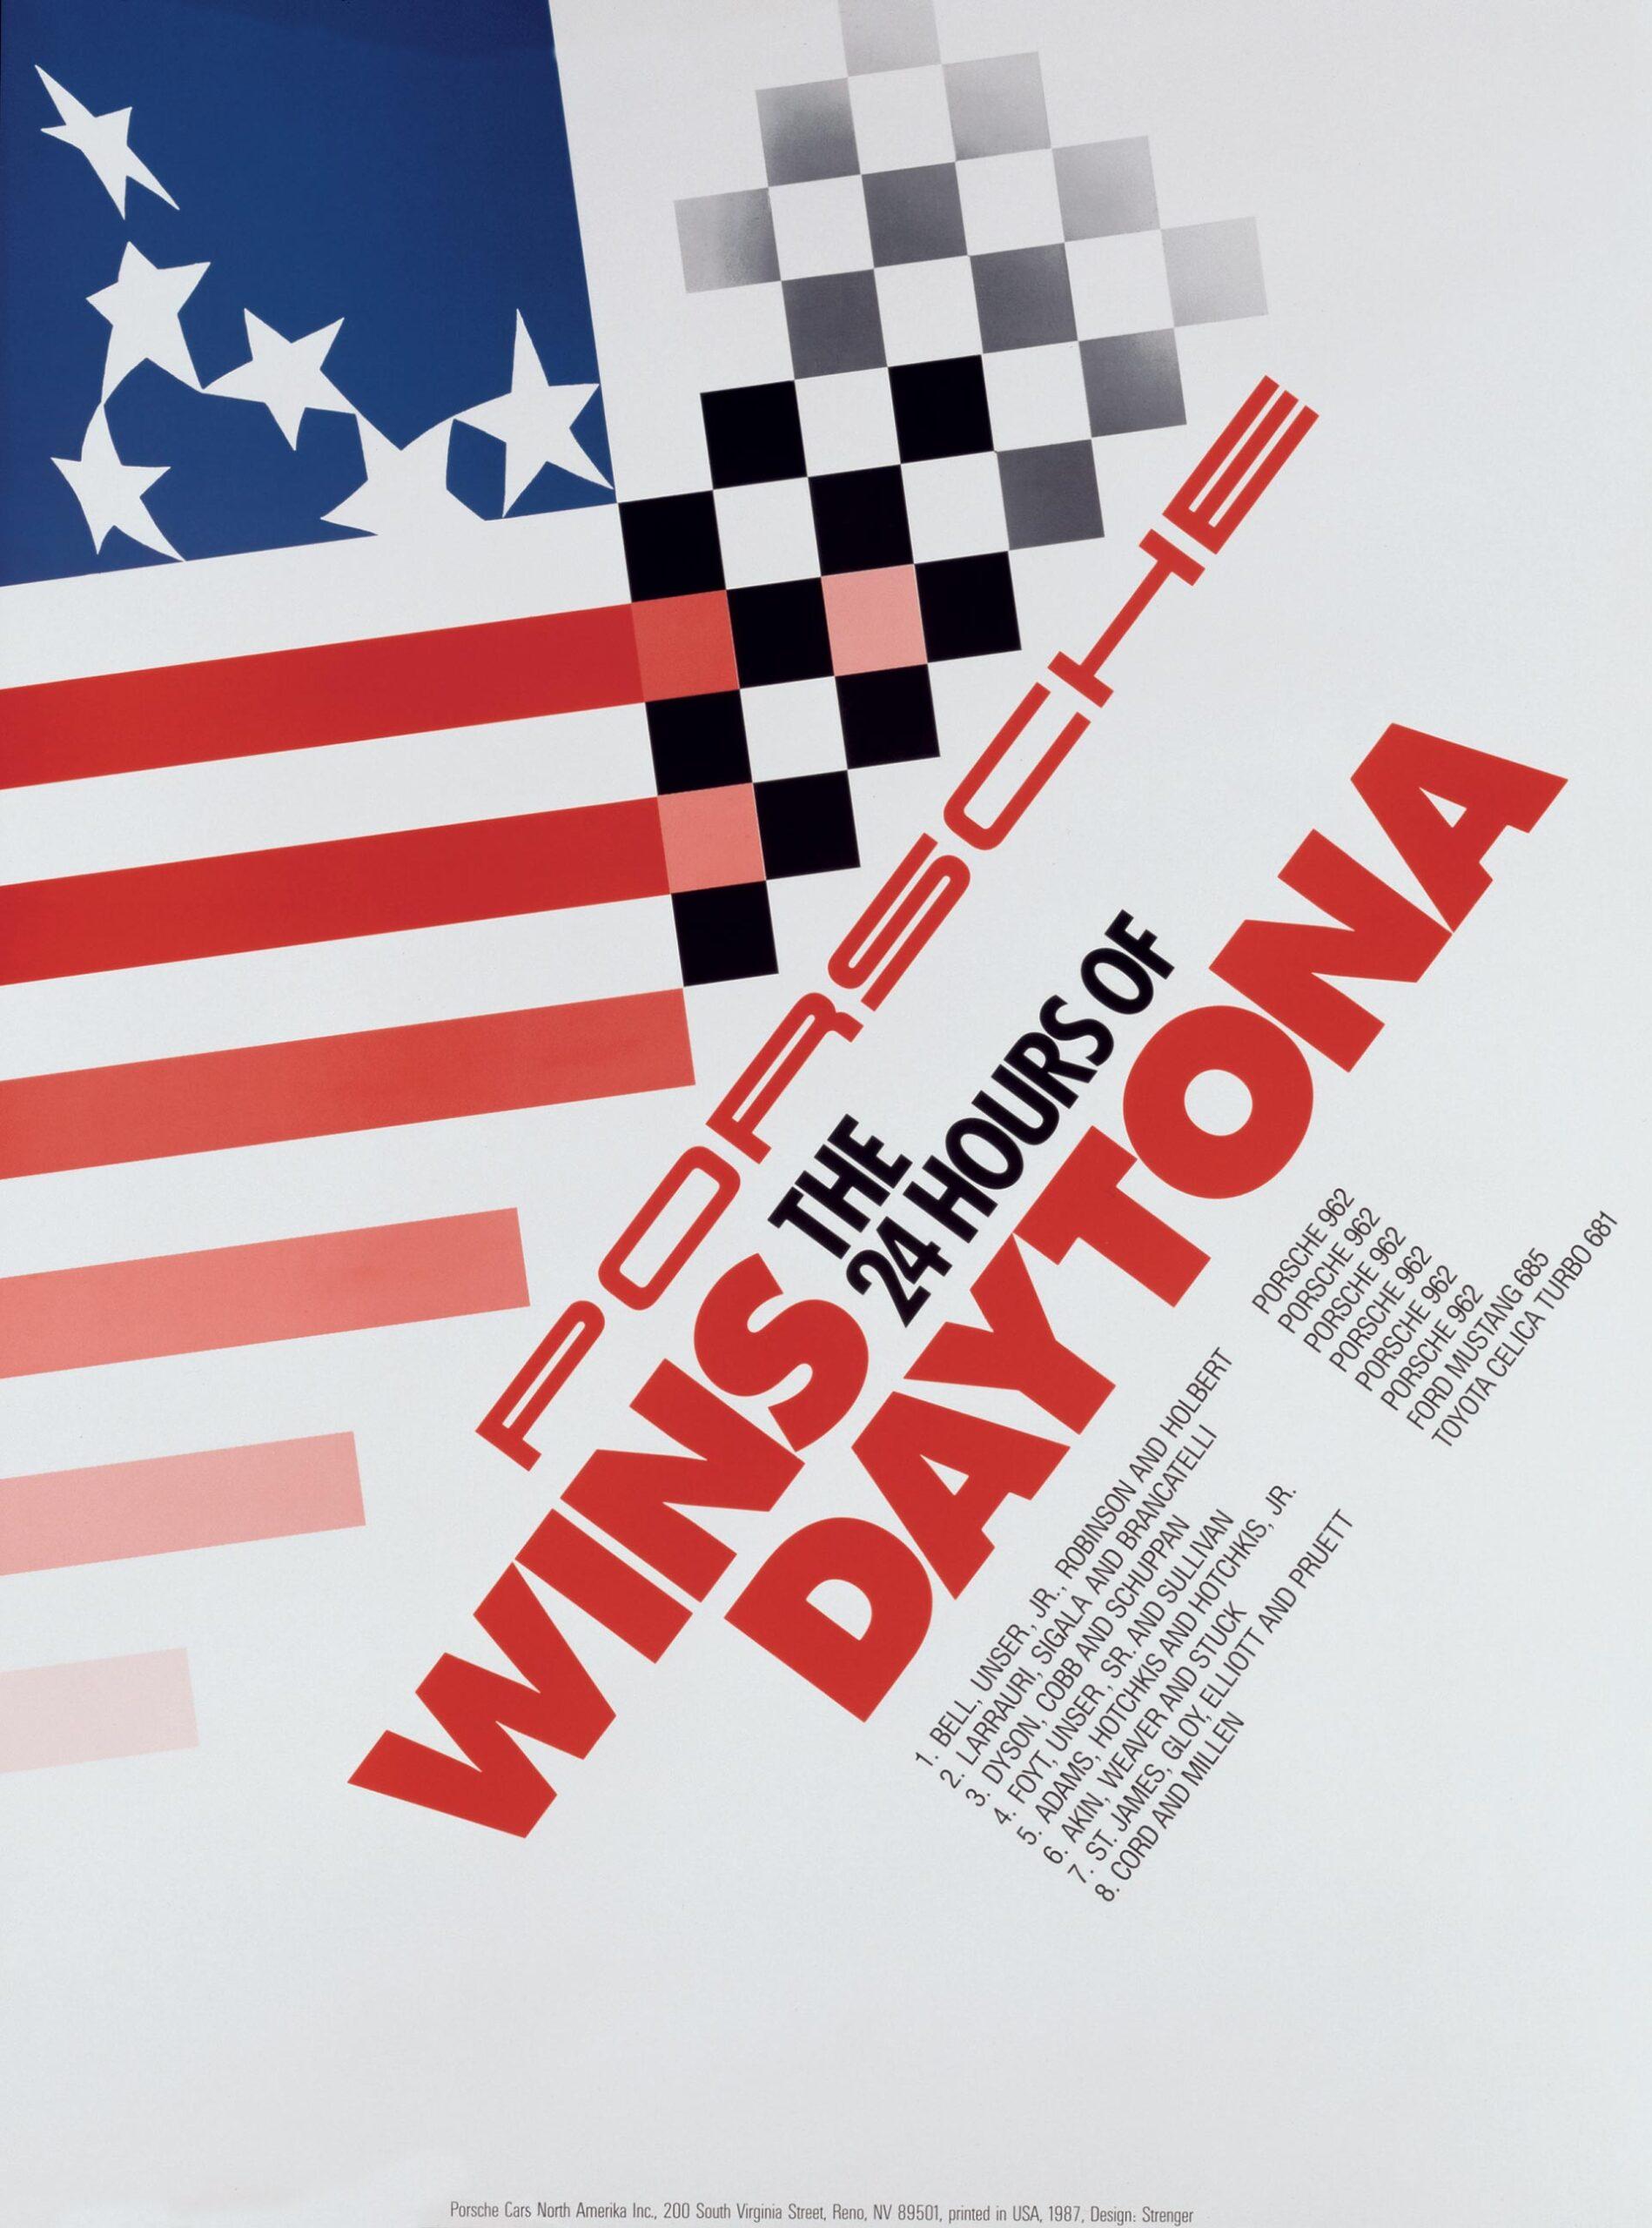 Plakat Porsche Daytona 24h